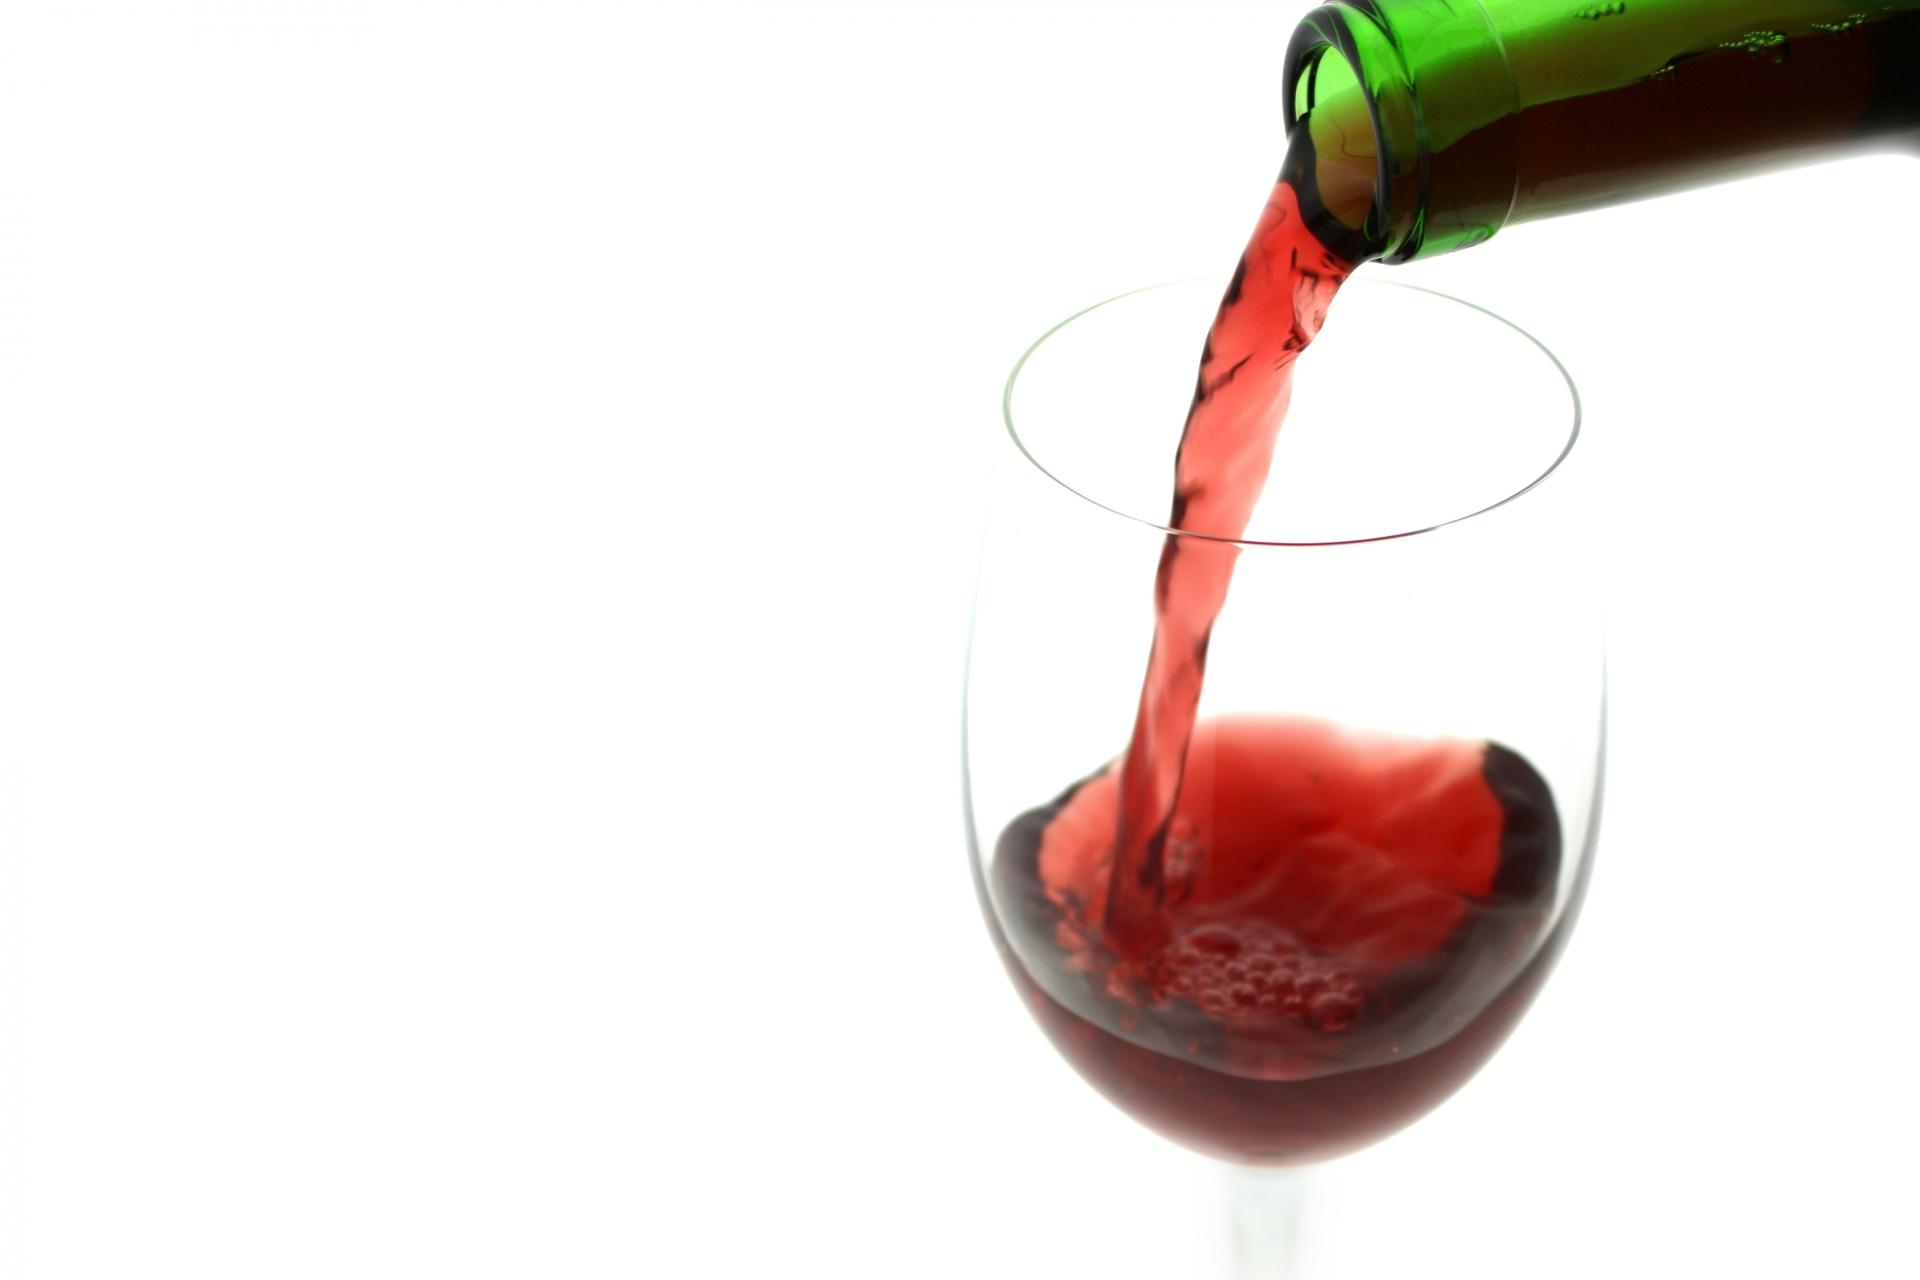 4677618469bc287b74207c3dcb5cfd2f m 薄毛に効果的なお酒の飲み方はある?ワインと鍋の最強コンビ